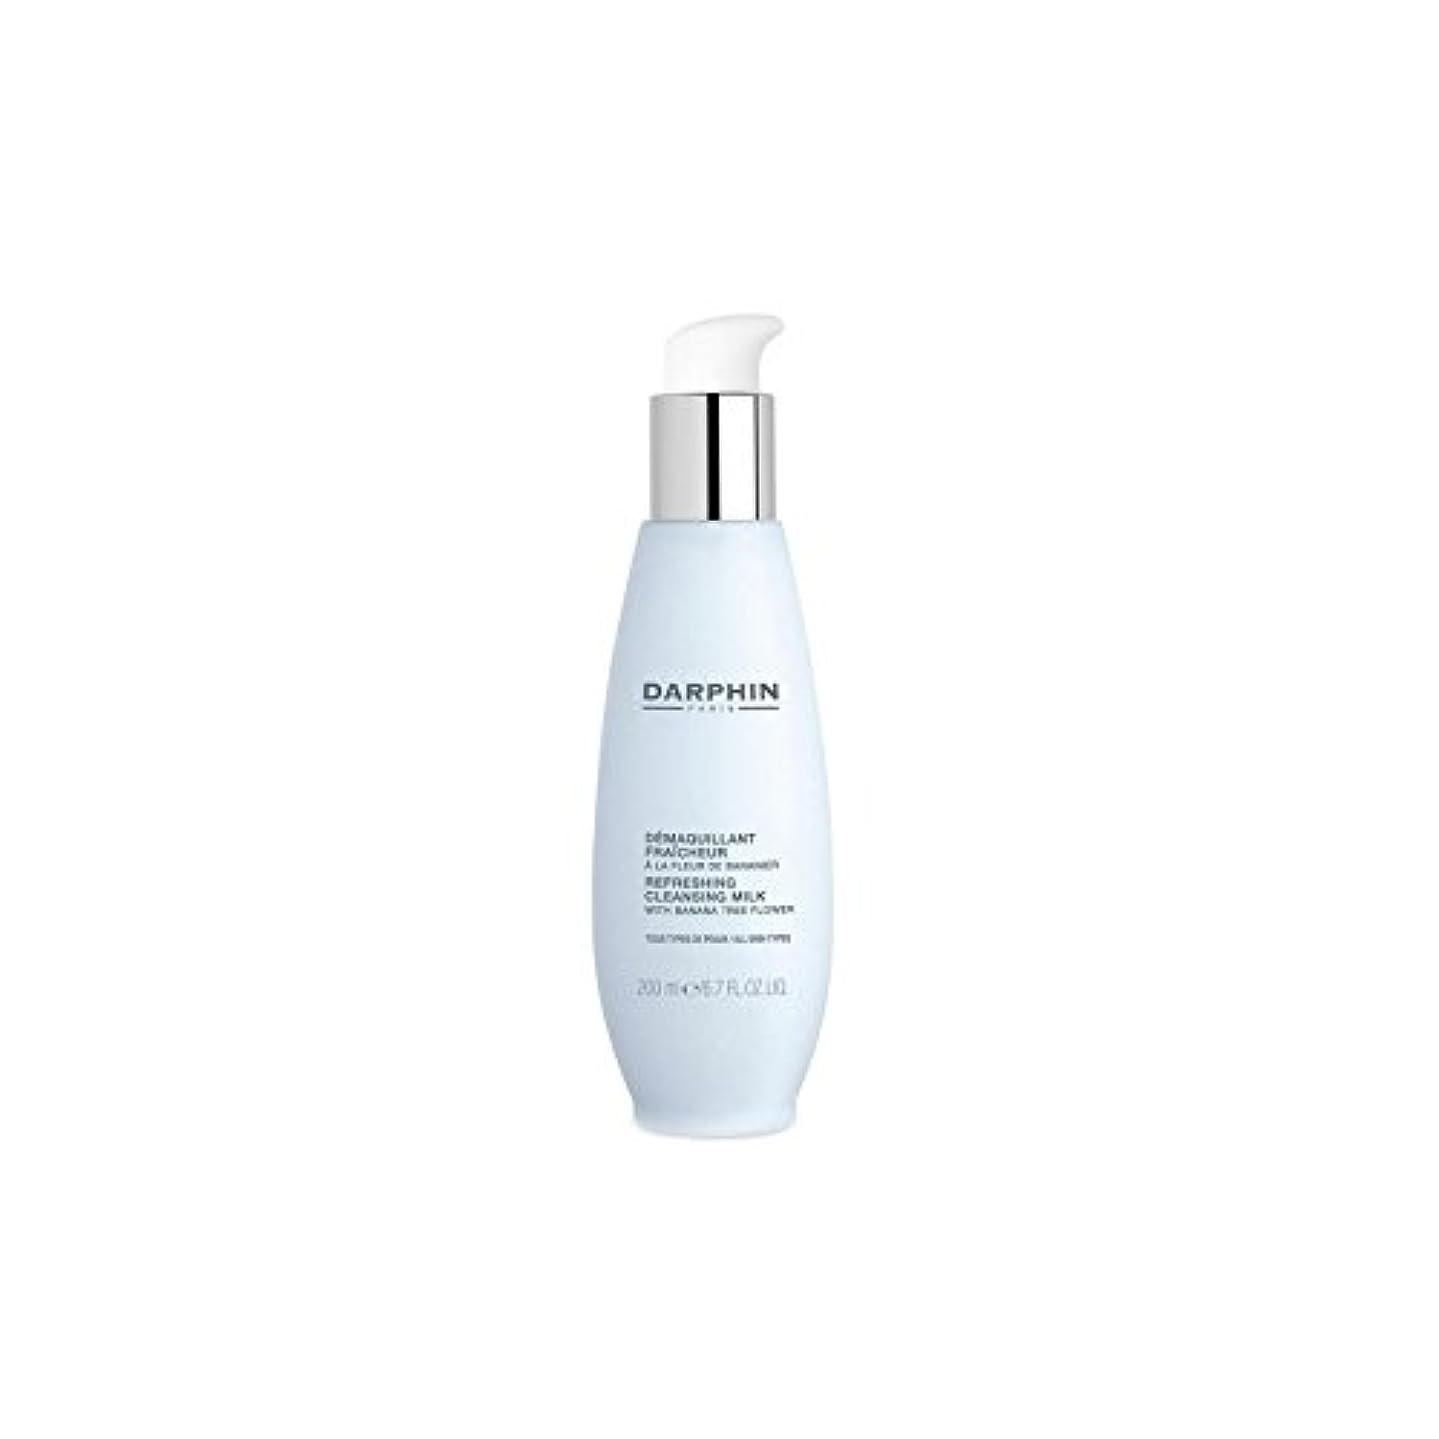 売る止まる不合格さわやかなクレンジングミルクをダルファン - 正常な皮膚のために(200ミリリットル) x2 - Darphin Refreshing Cleansing Milk - For Normal Skin (200ml) (...